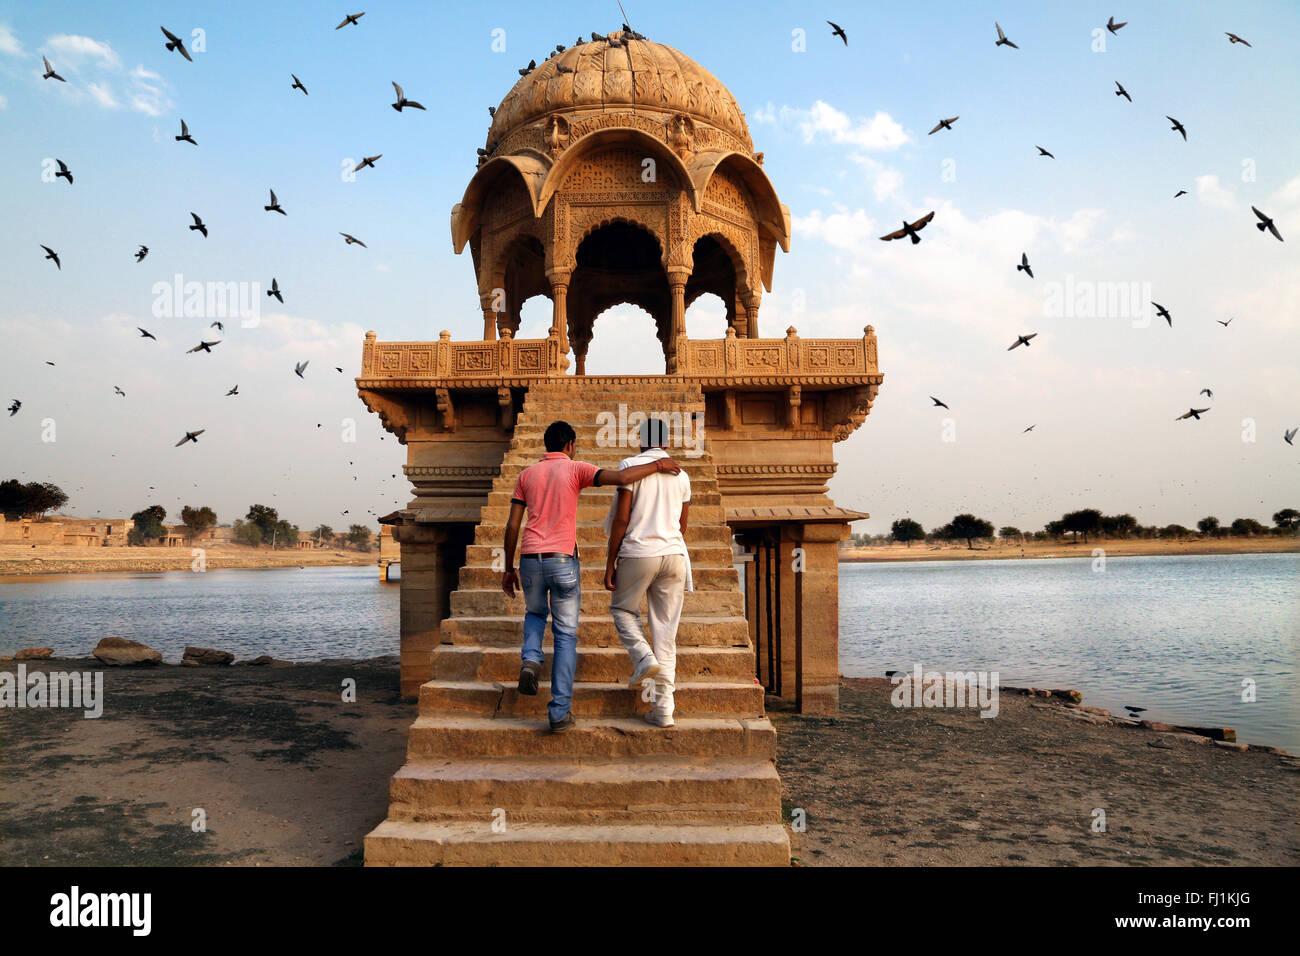 Two men visit the Gadi Sagar lake in Jaisalmer , India Rajasthan - Stock Image